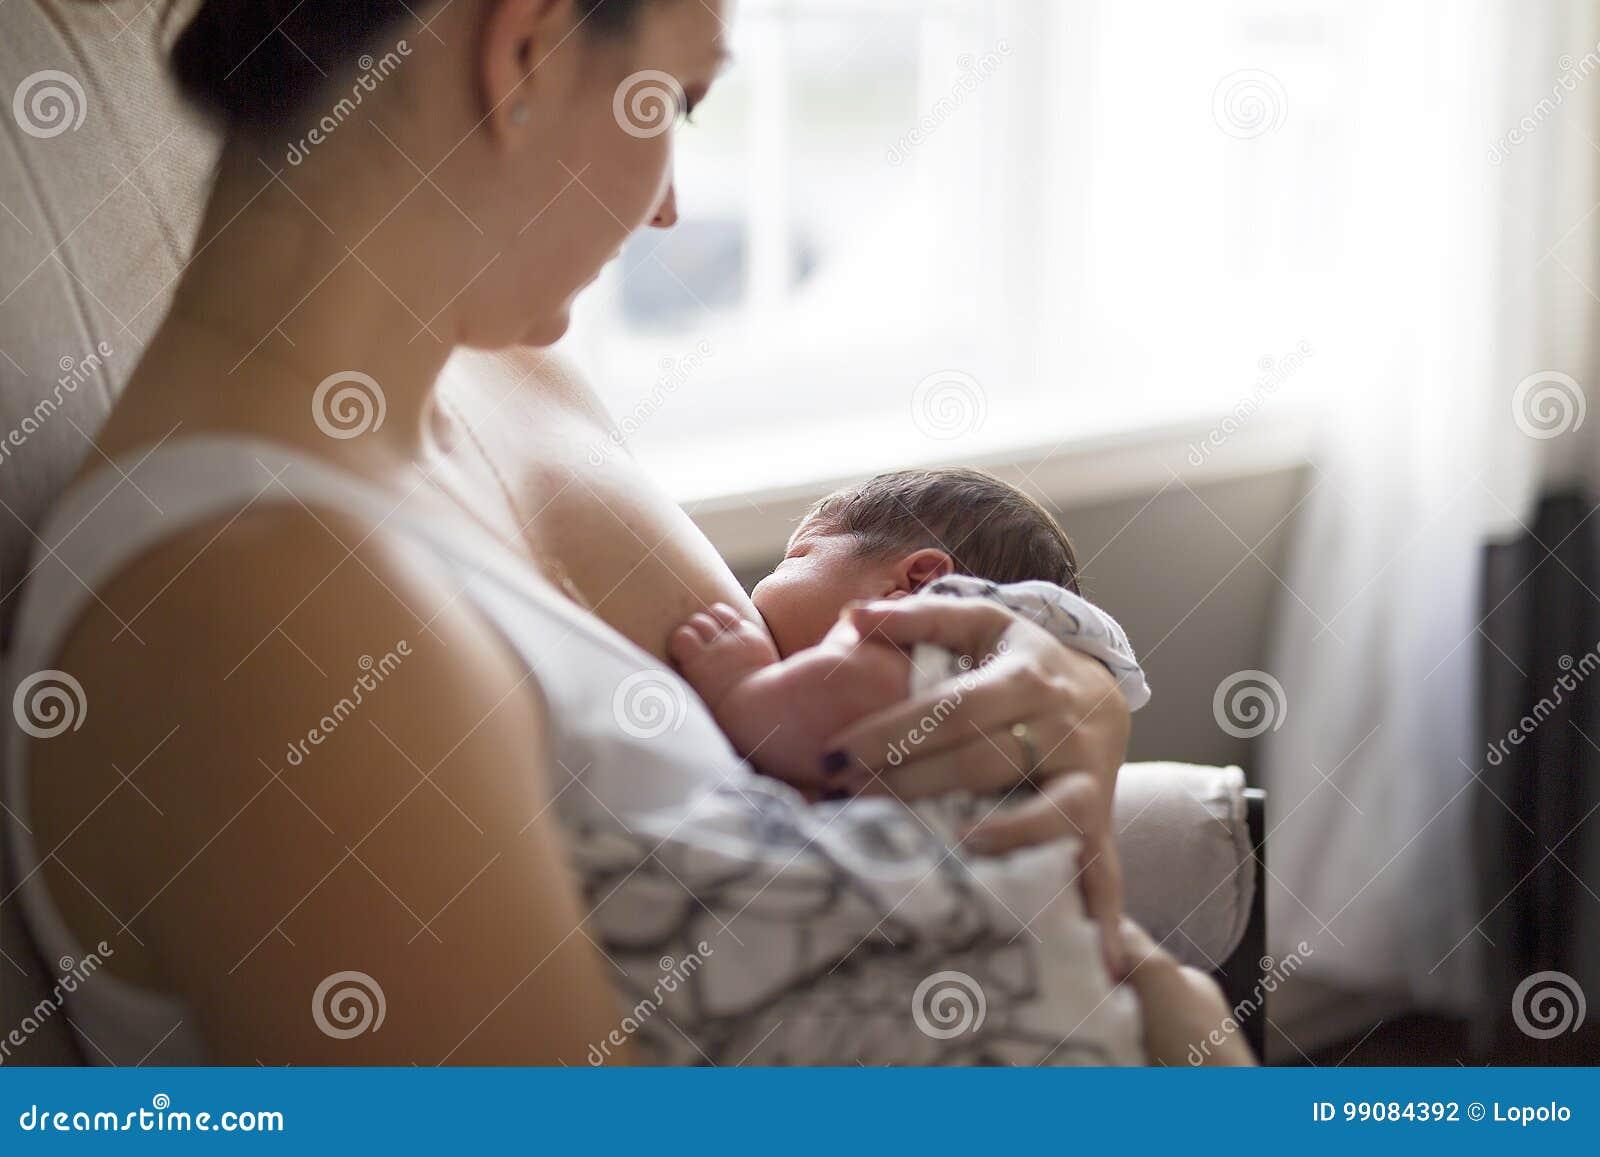 dieta per la madre che allatta